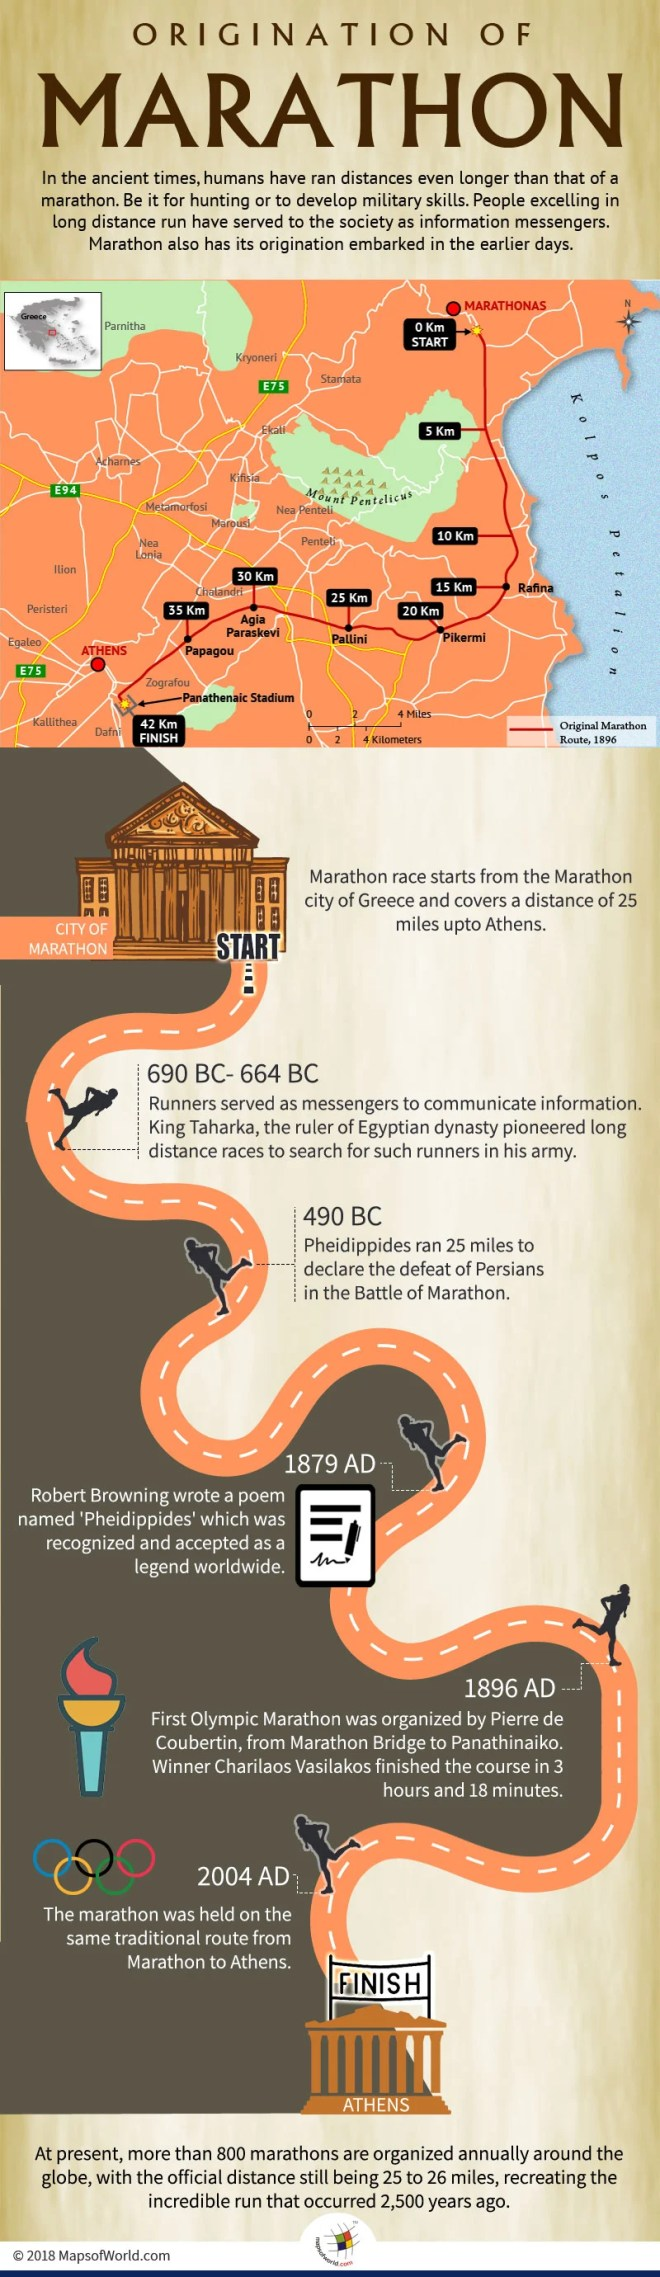 How did the Marathon originate?